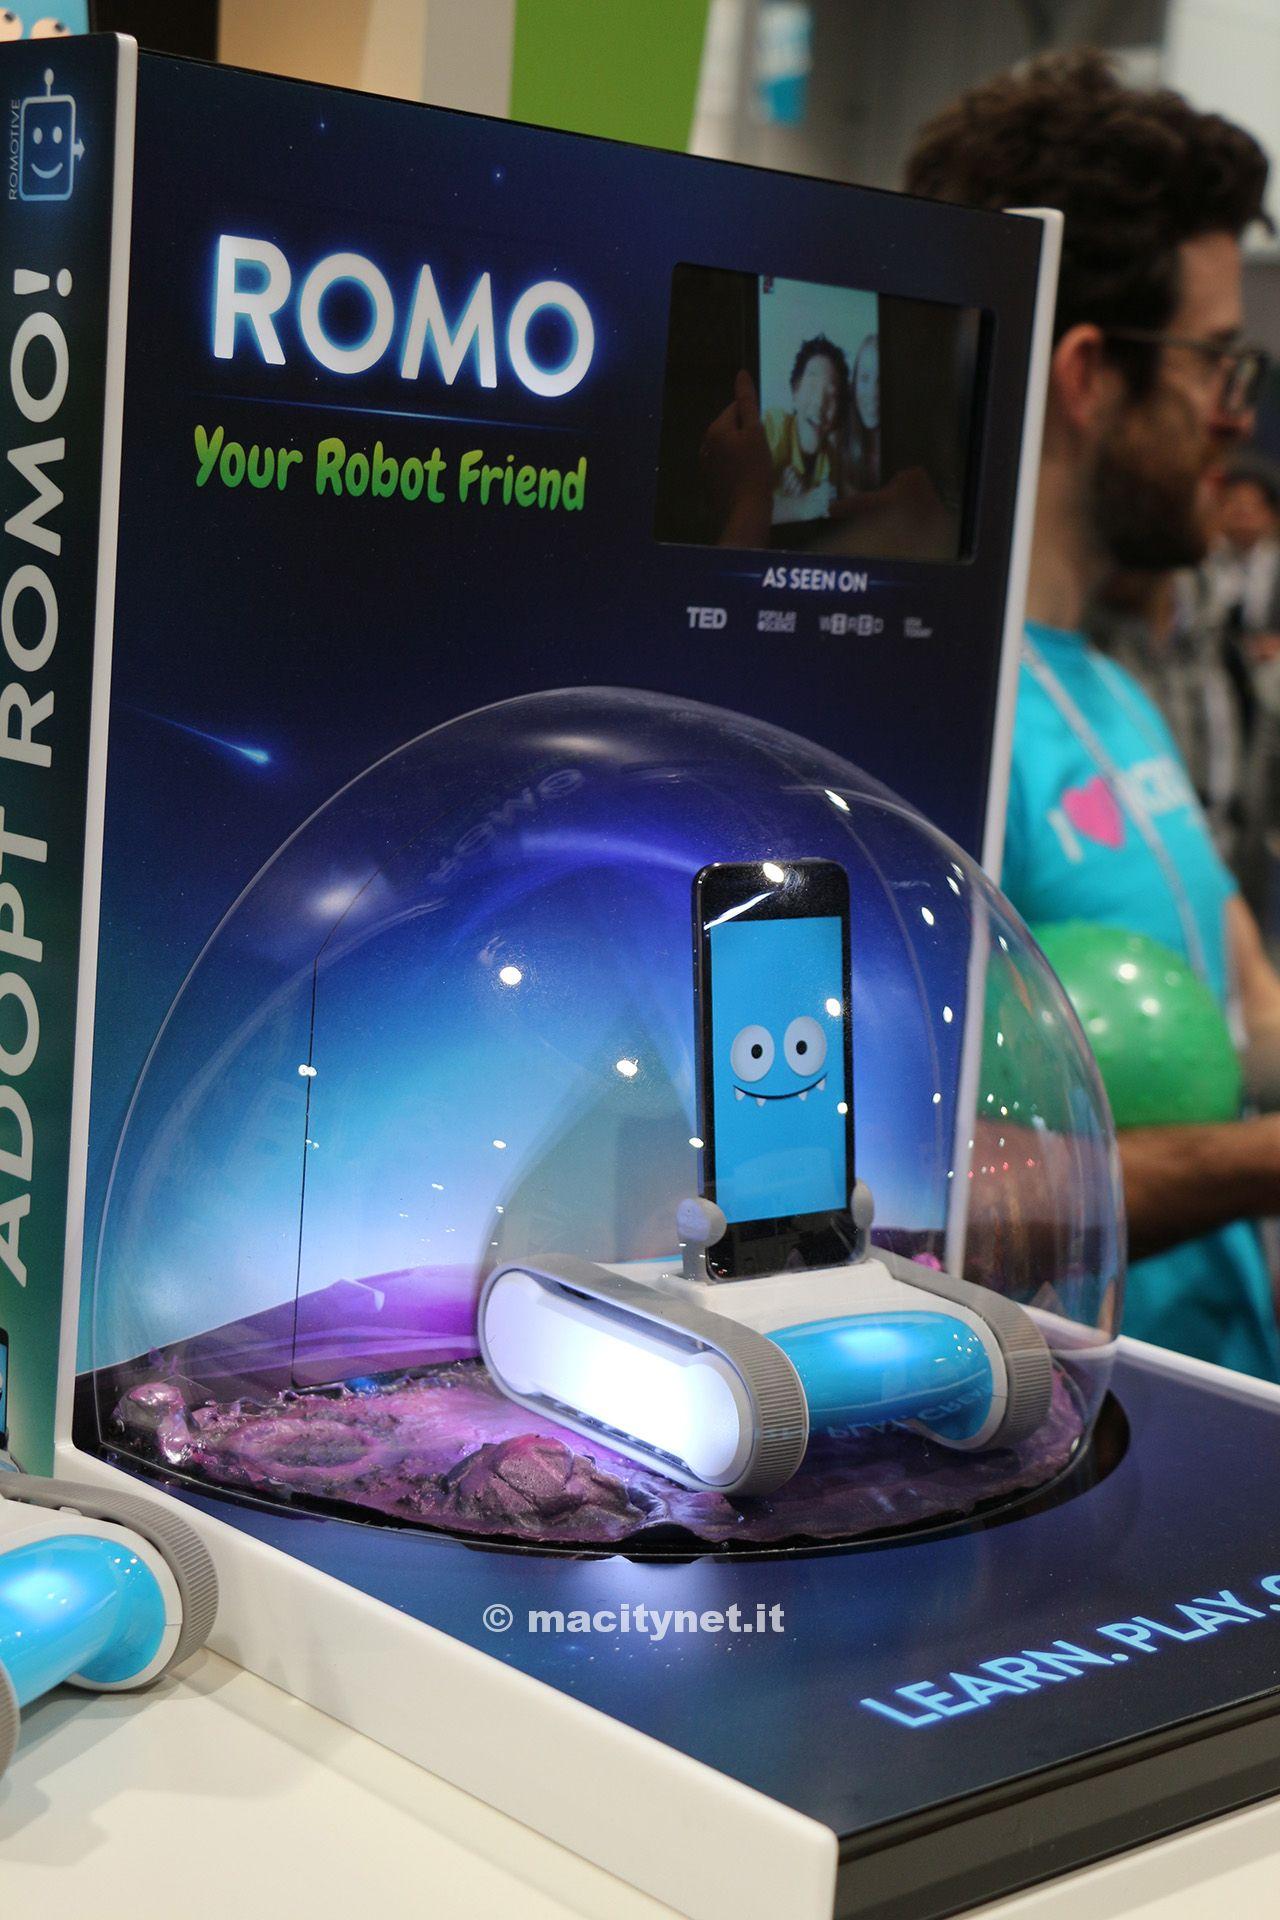 Ces 2014: Romotive presenta Romo, e iPhone si trasforma in un robot